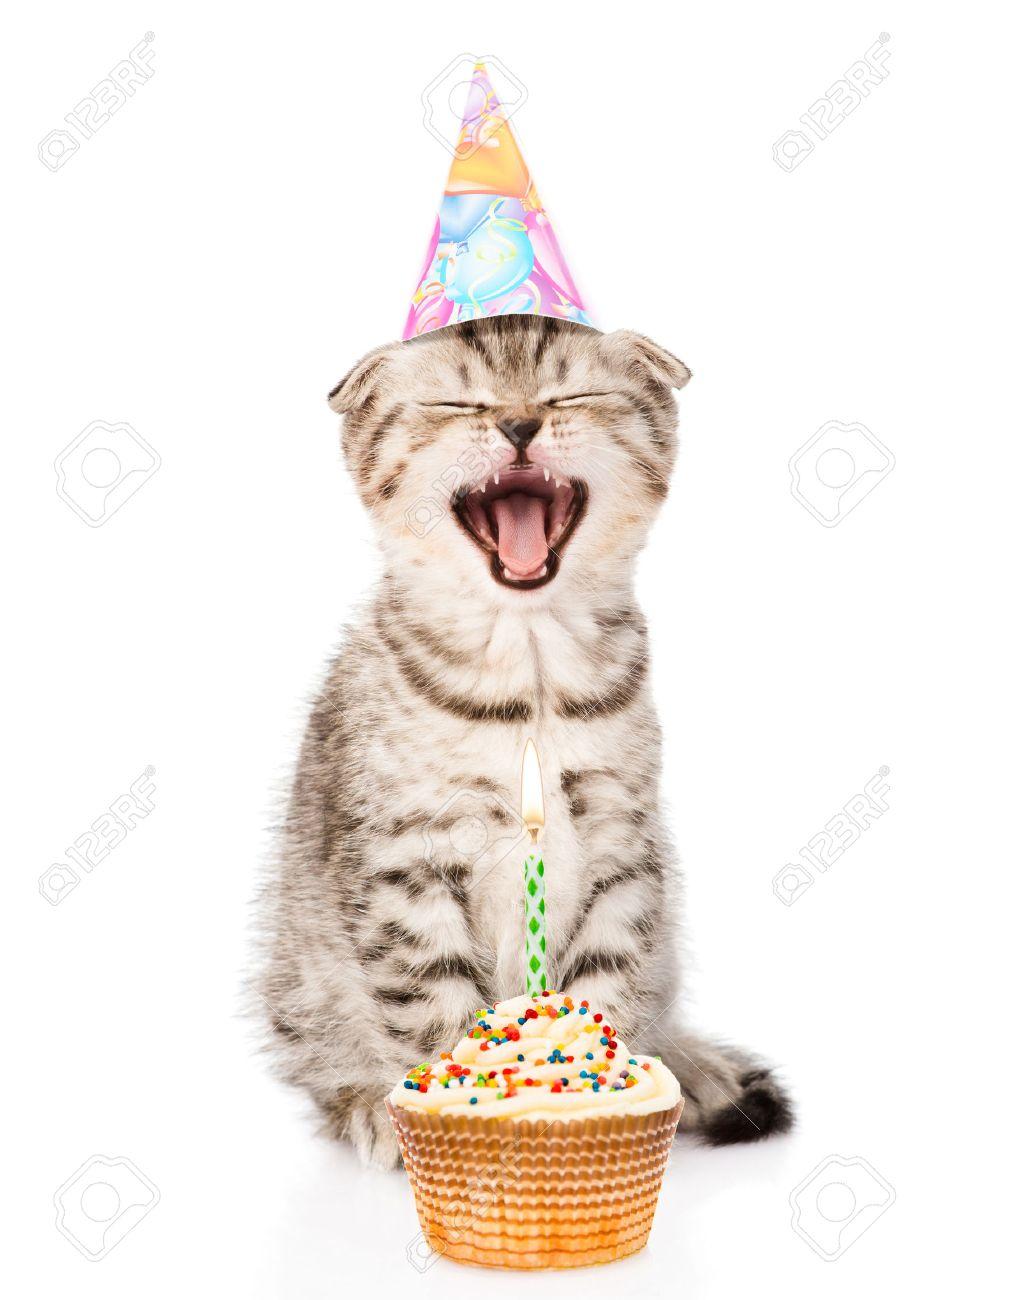 Lachen Kat Kat Met Verjaardag Hoed En Cake Geïsoleerd Op Witte